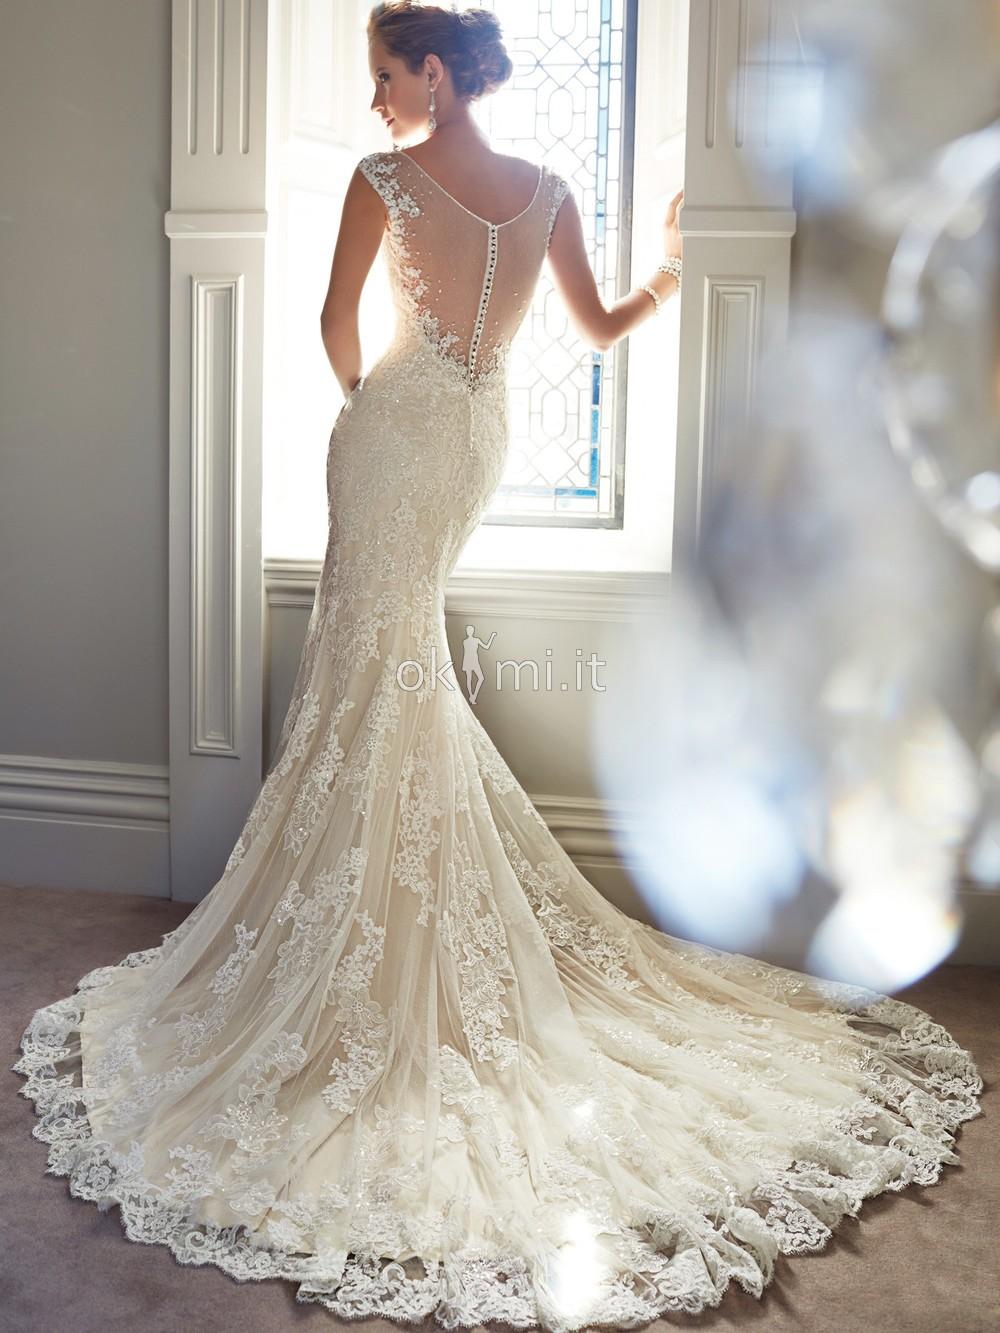 http://www.okmi.it/abiti-da-sposa-con-manica-corte-cappellino-strano-sexy-senza-vita-p290244741.html